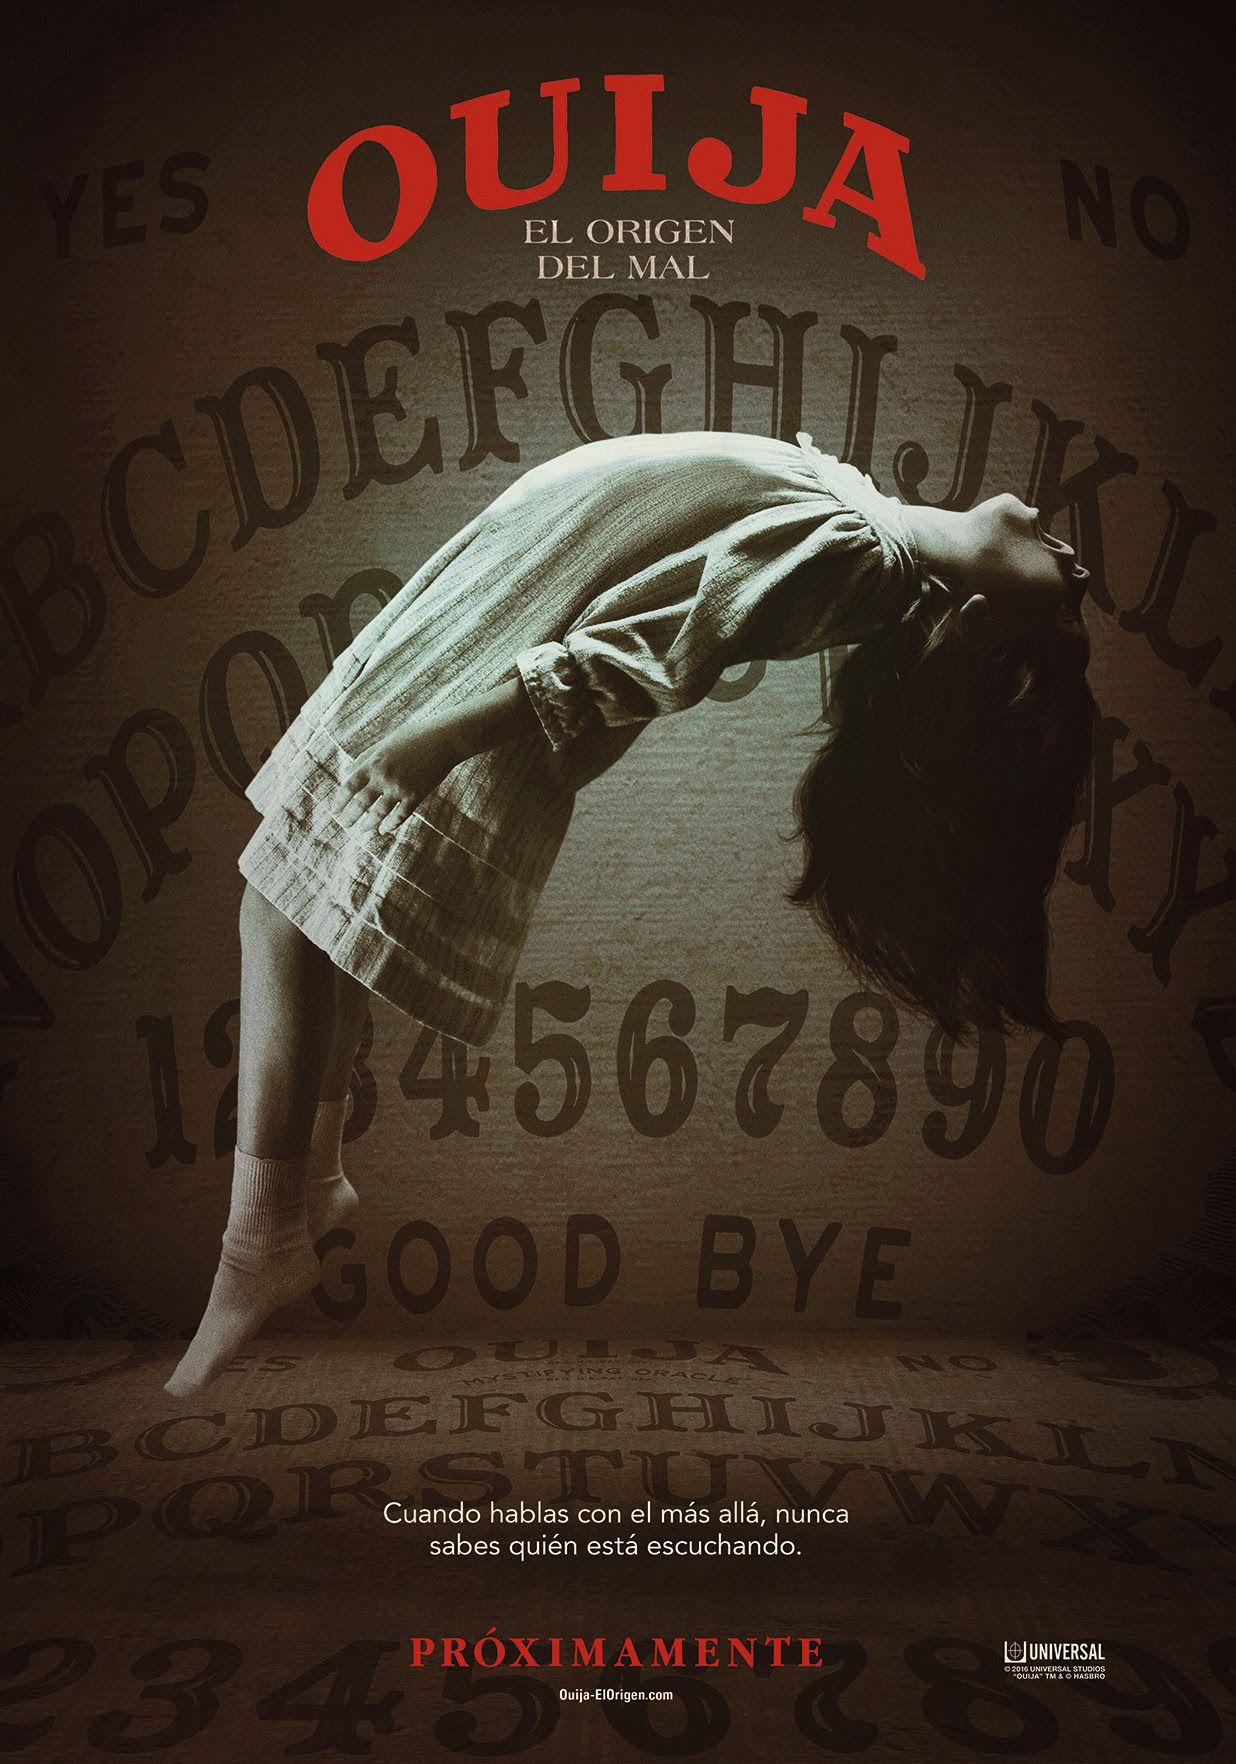 Movie La Precuela Ouija El Origen Del Mal Ya En Cines Ouija Origin Of Evil Full Movies Online Free Ouija